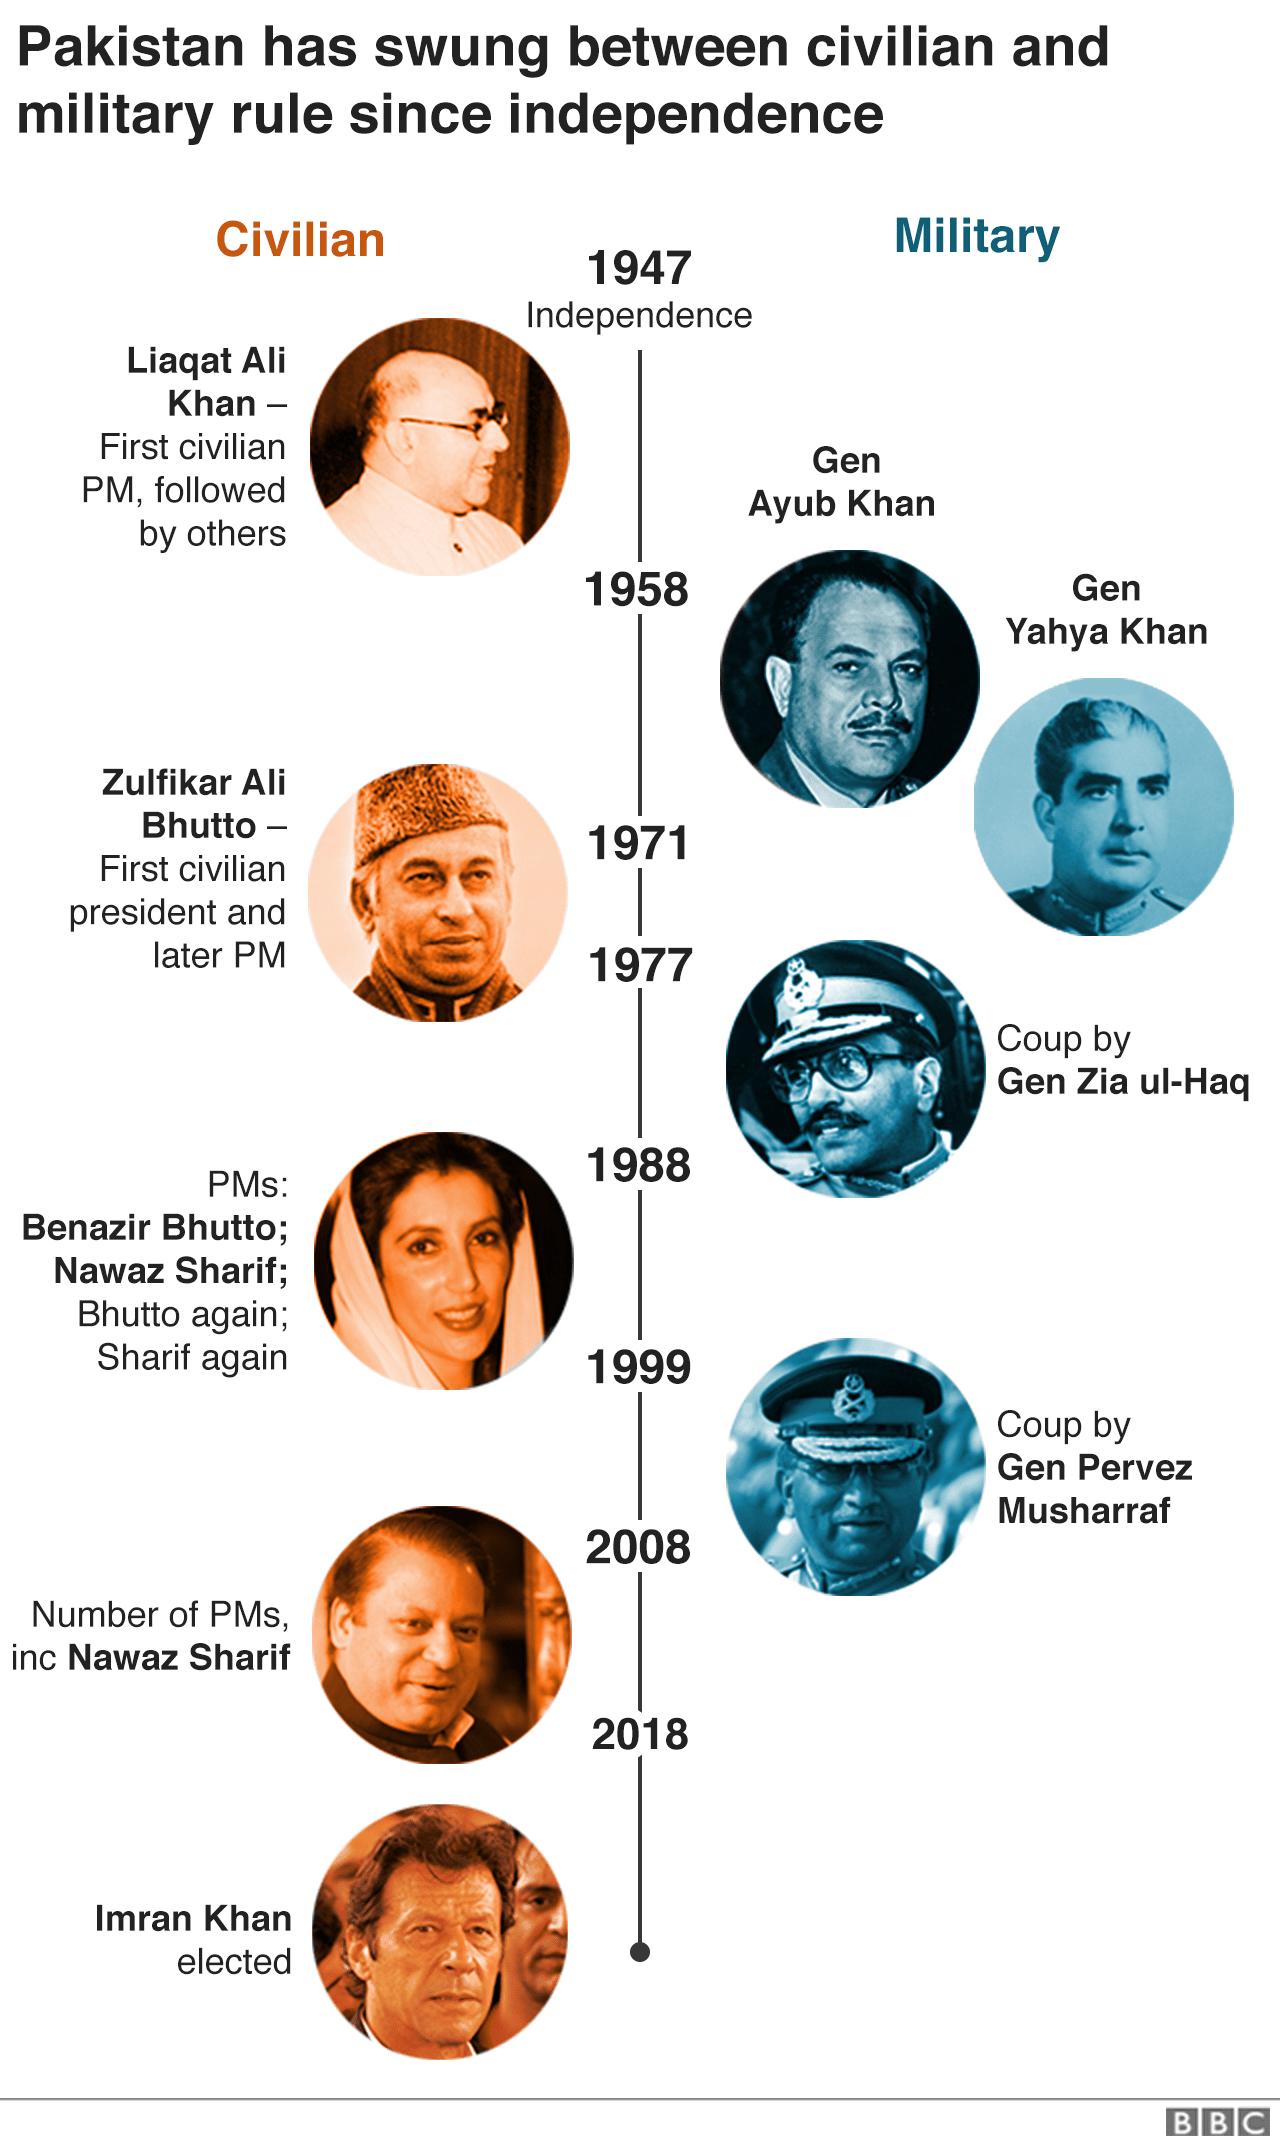 Timeline of Pakistan leaders